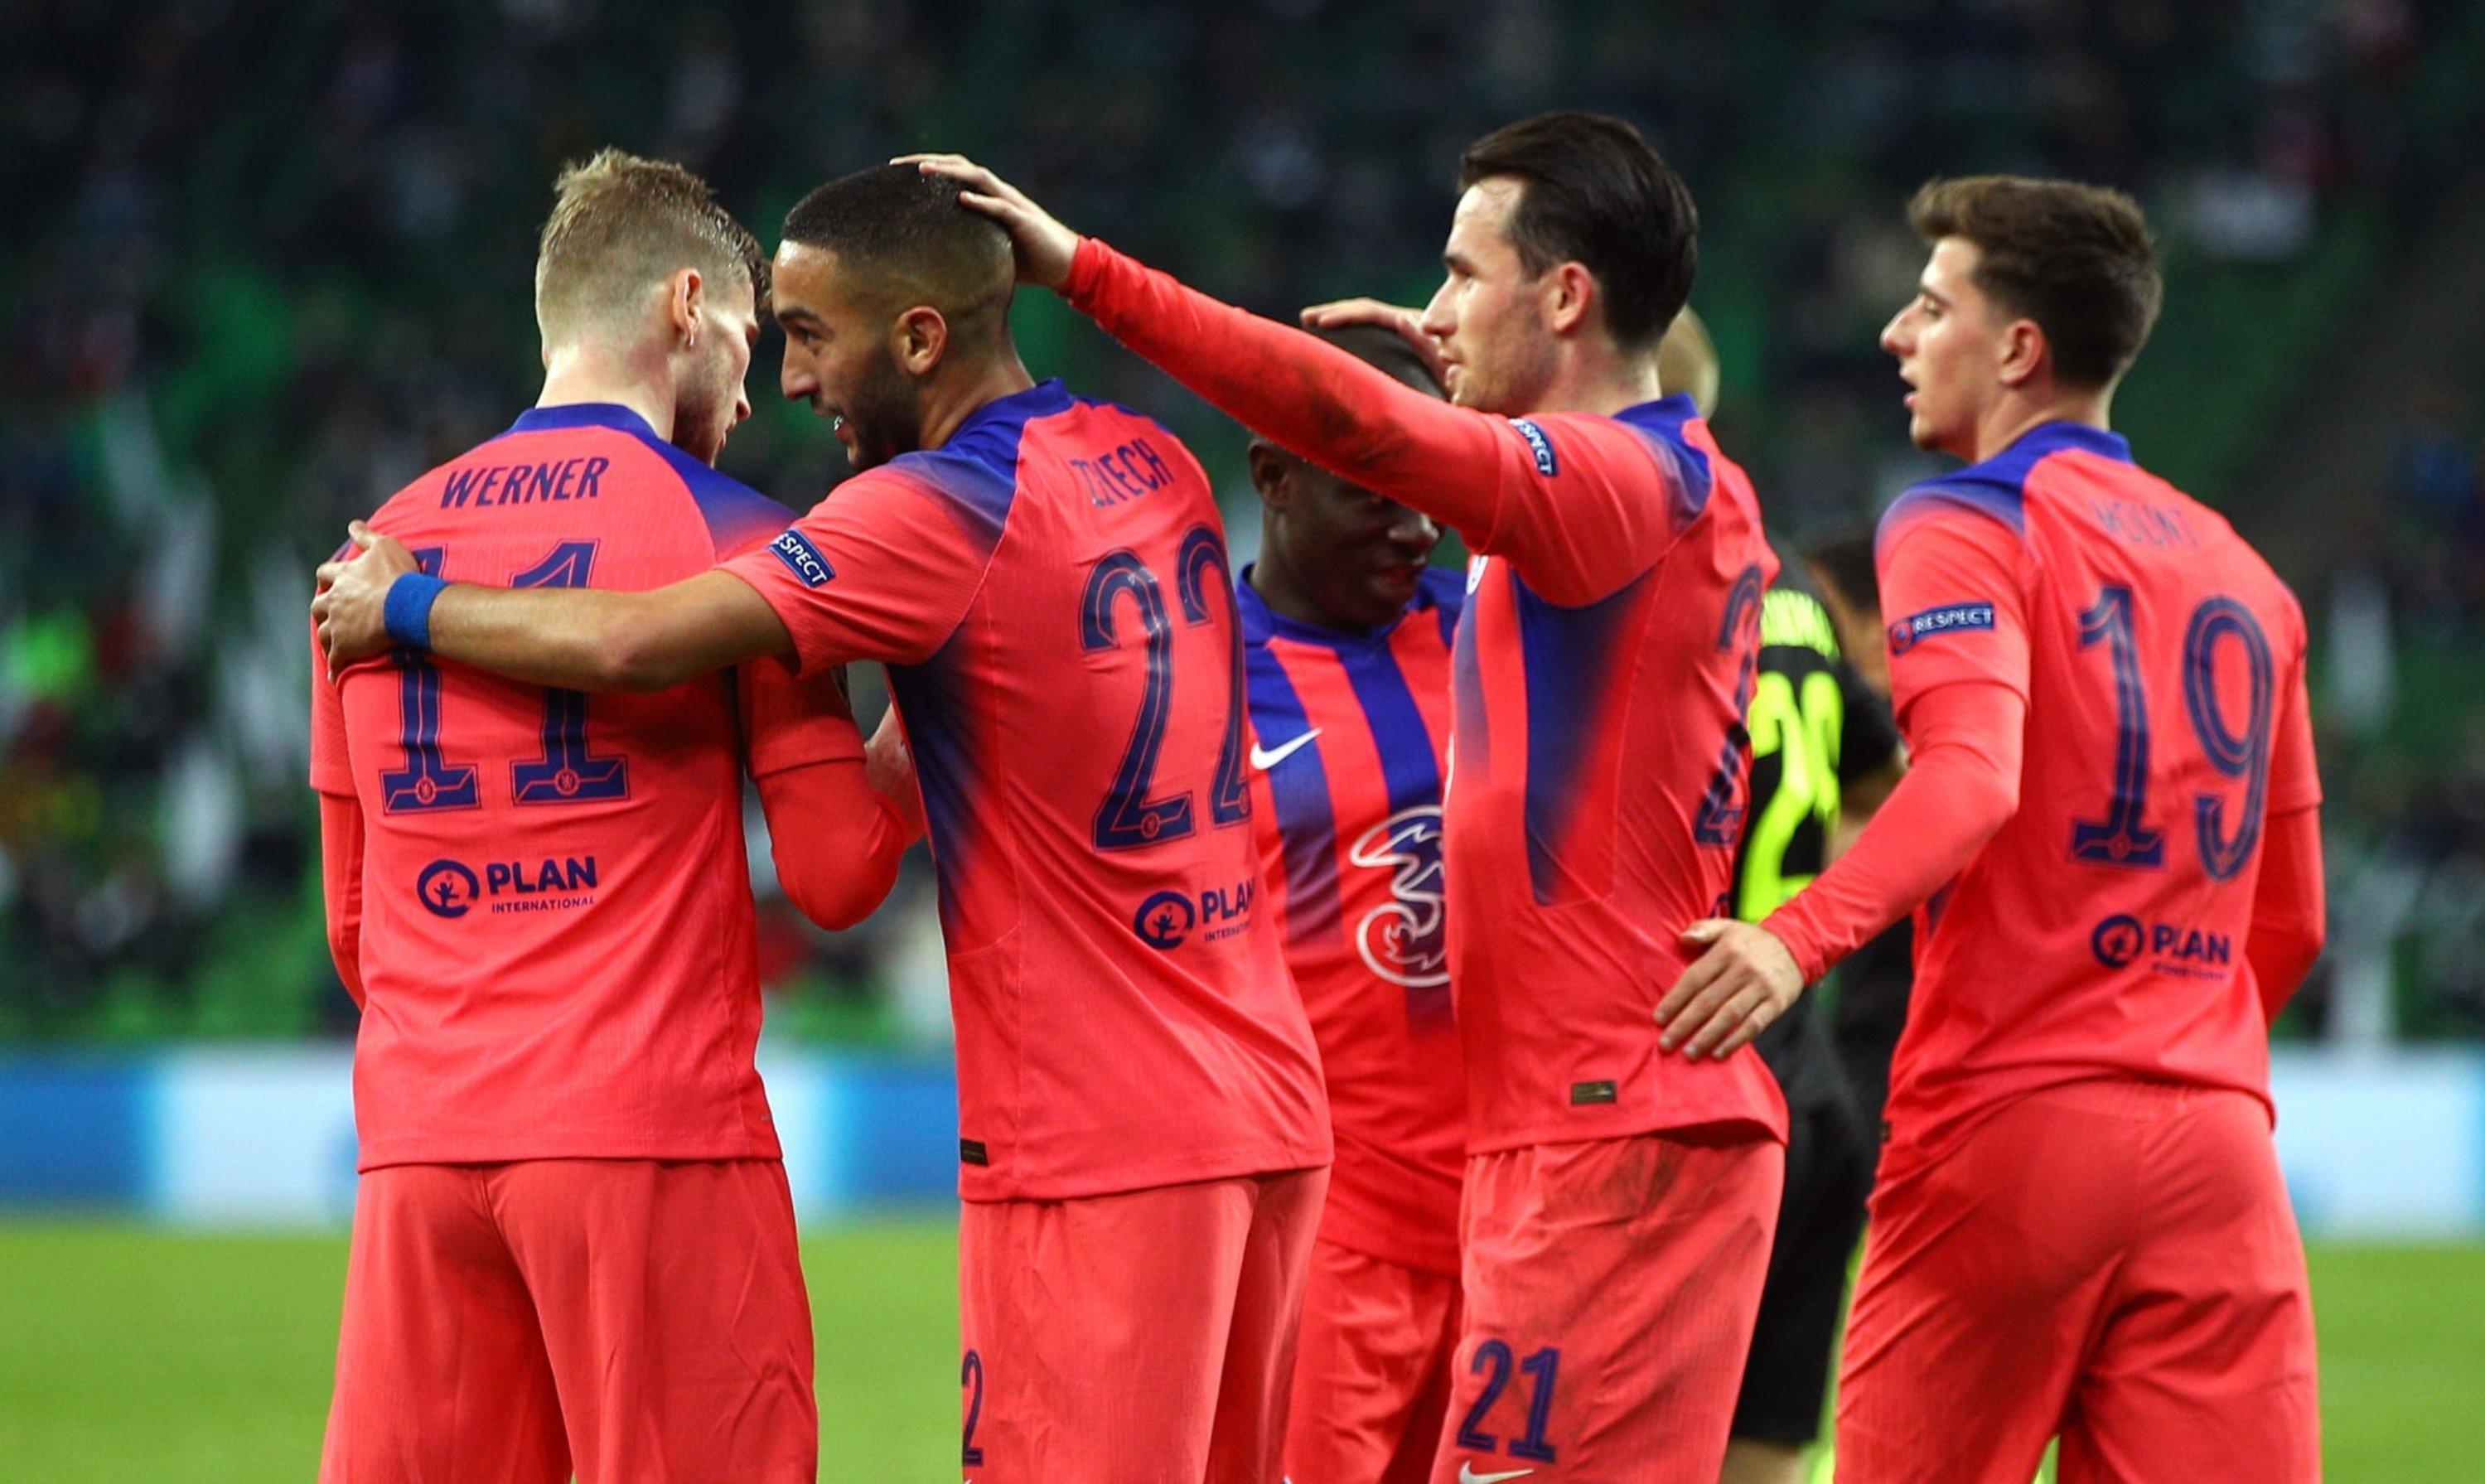 چلسی / لیگ قهرمانان اروپا / Chelsea / UEFA Champions League / گلزنی مقابل کراسنودار